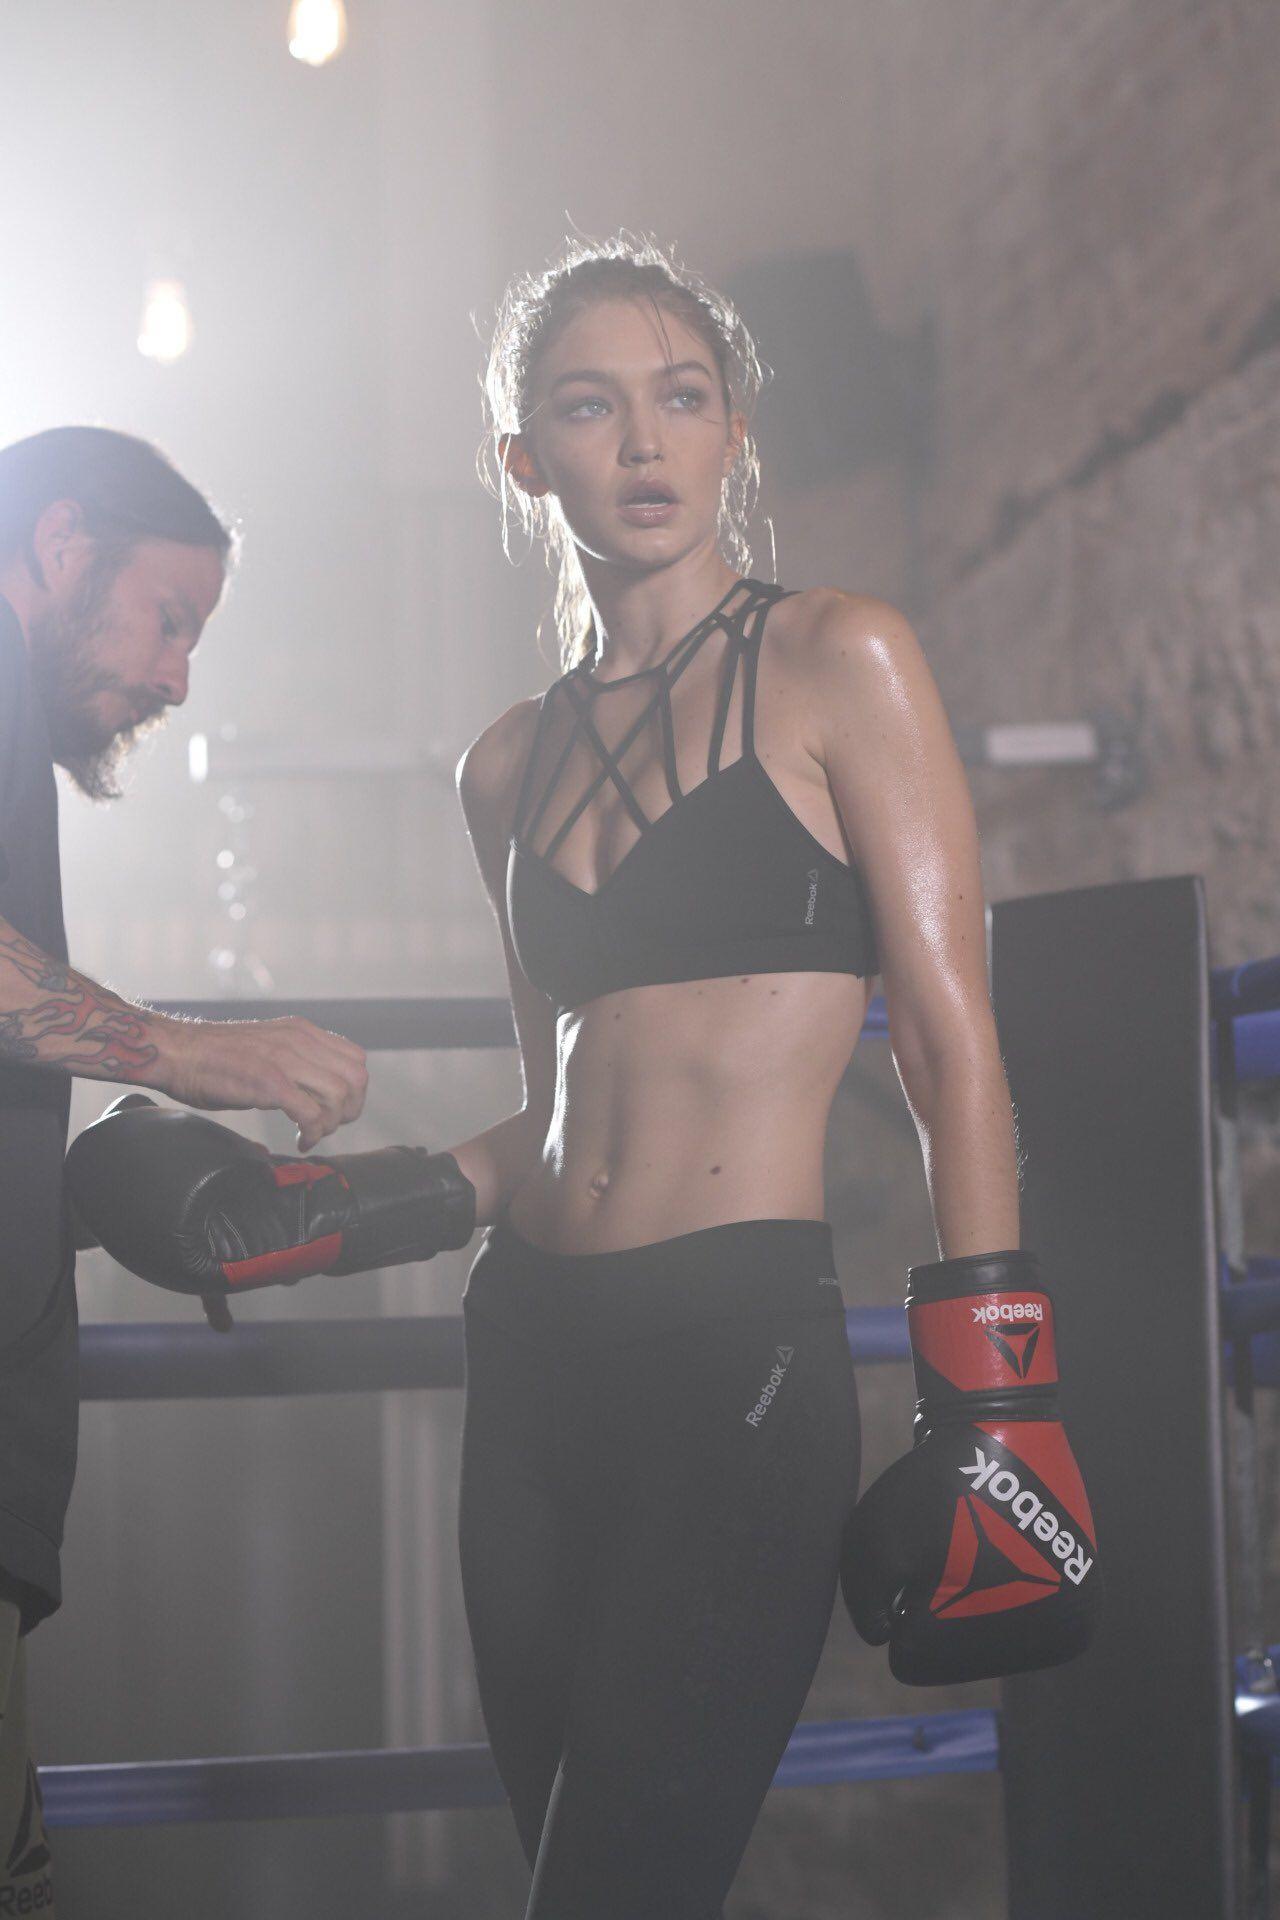 """trendt on Twitter: """"La Gigi Hadid para Reebok #PerfectNever habría estado genial que usaran imágenes de cuando pateo al """"bromista"""" ese https://t.co/XxccLRYqvc"""""""